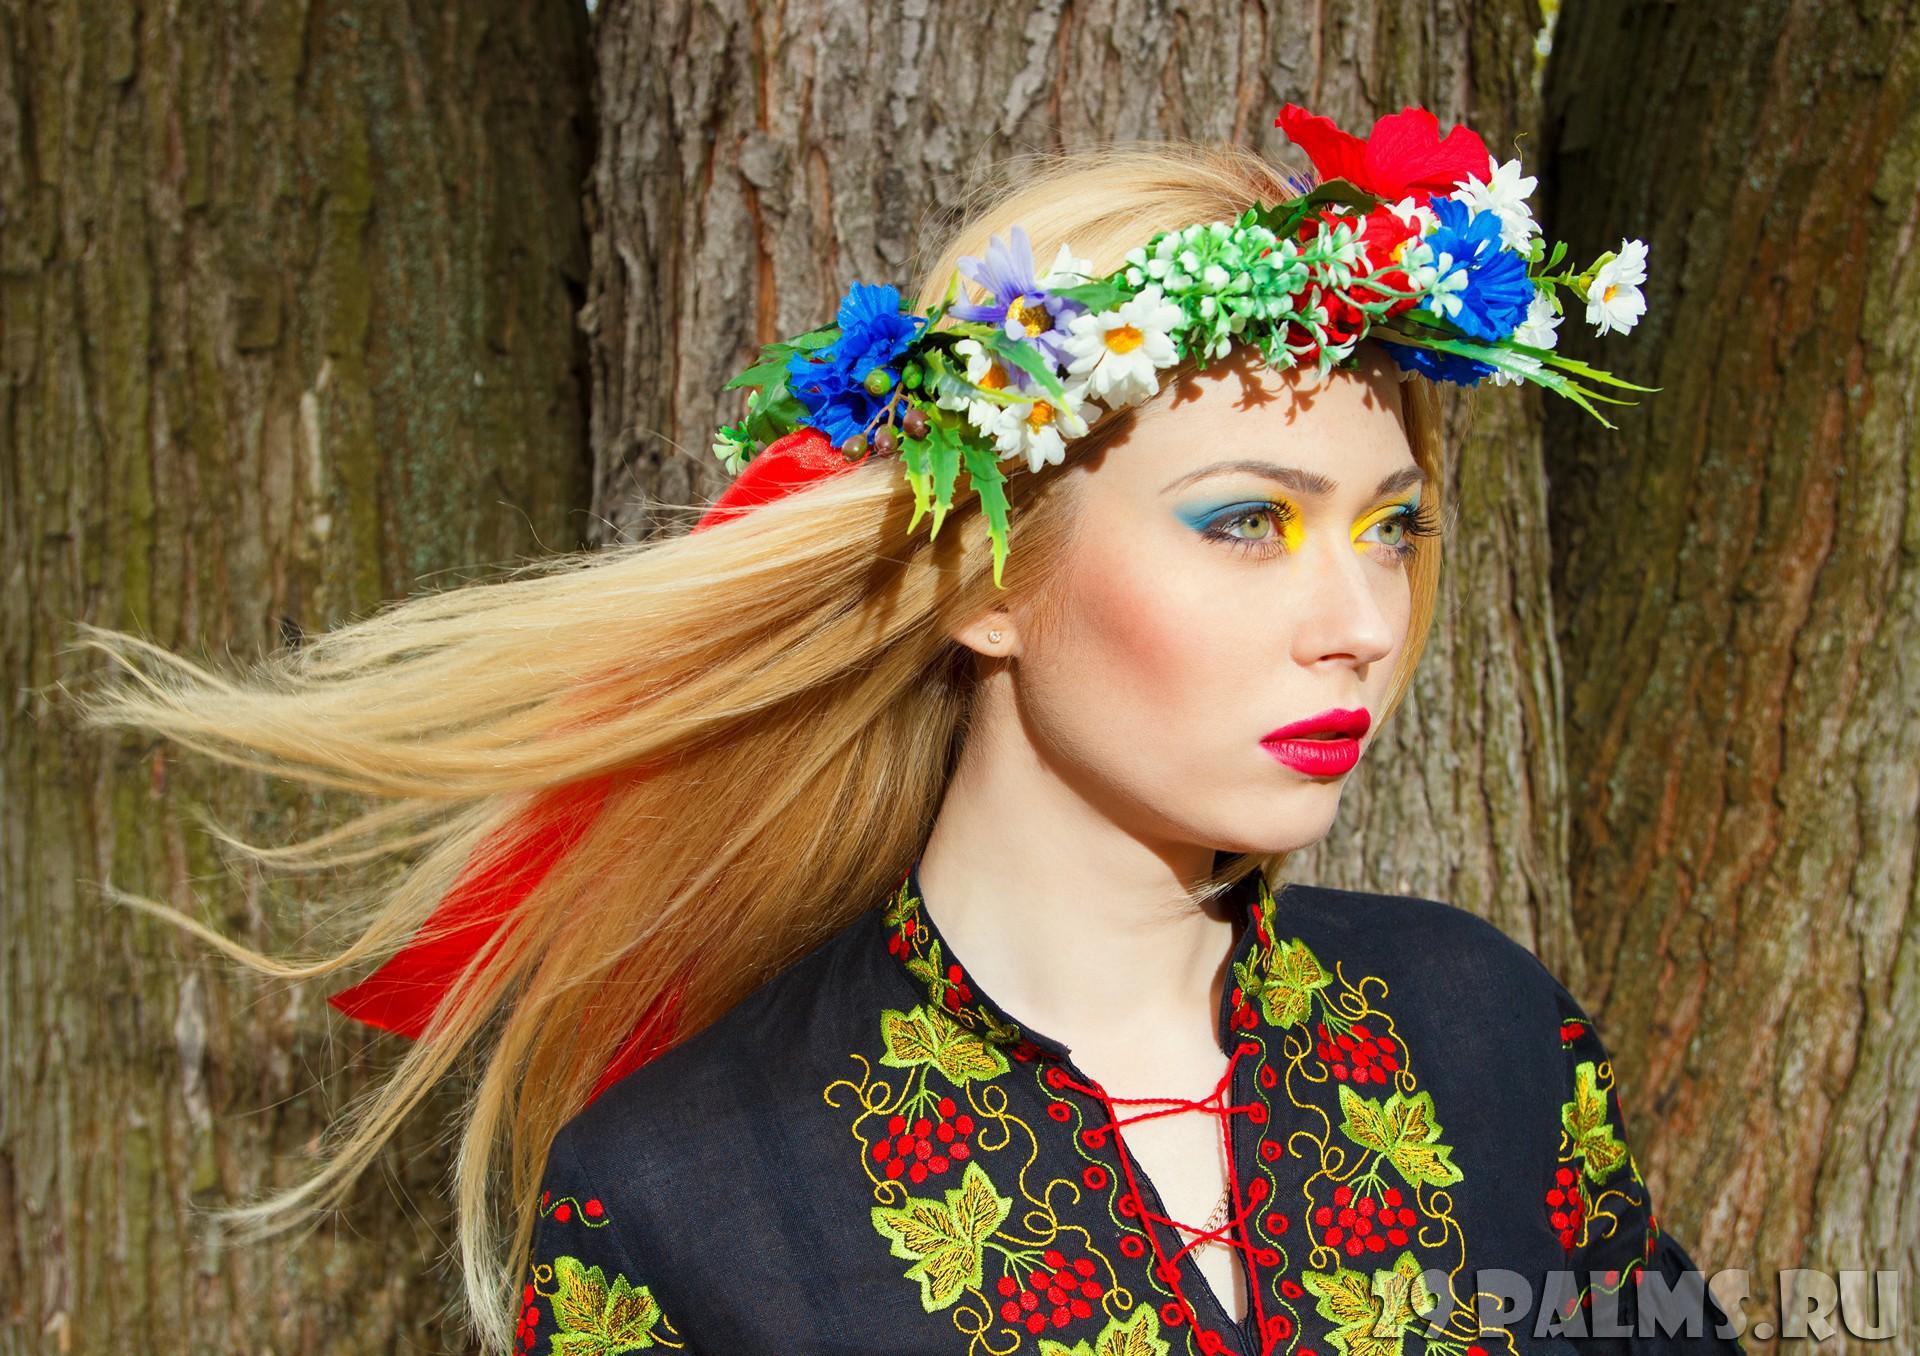 Украинские дивчины фото 10 фотография